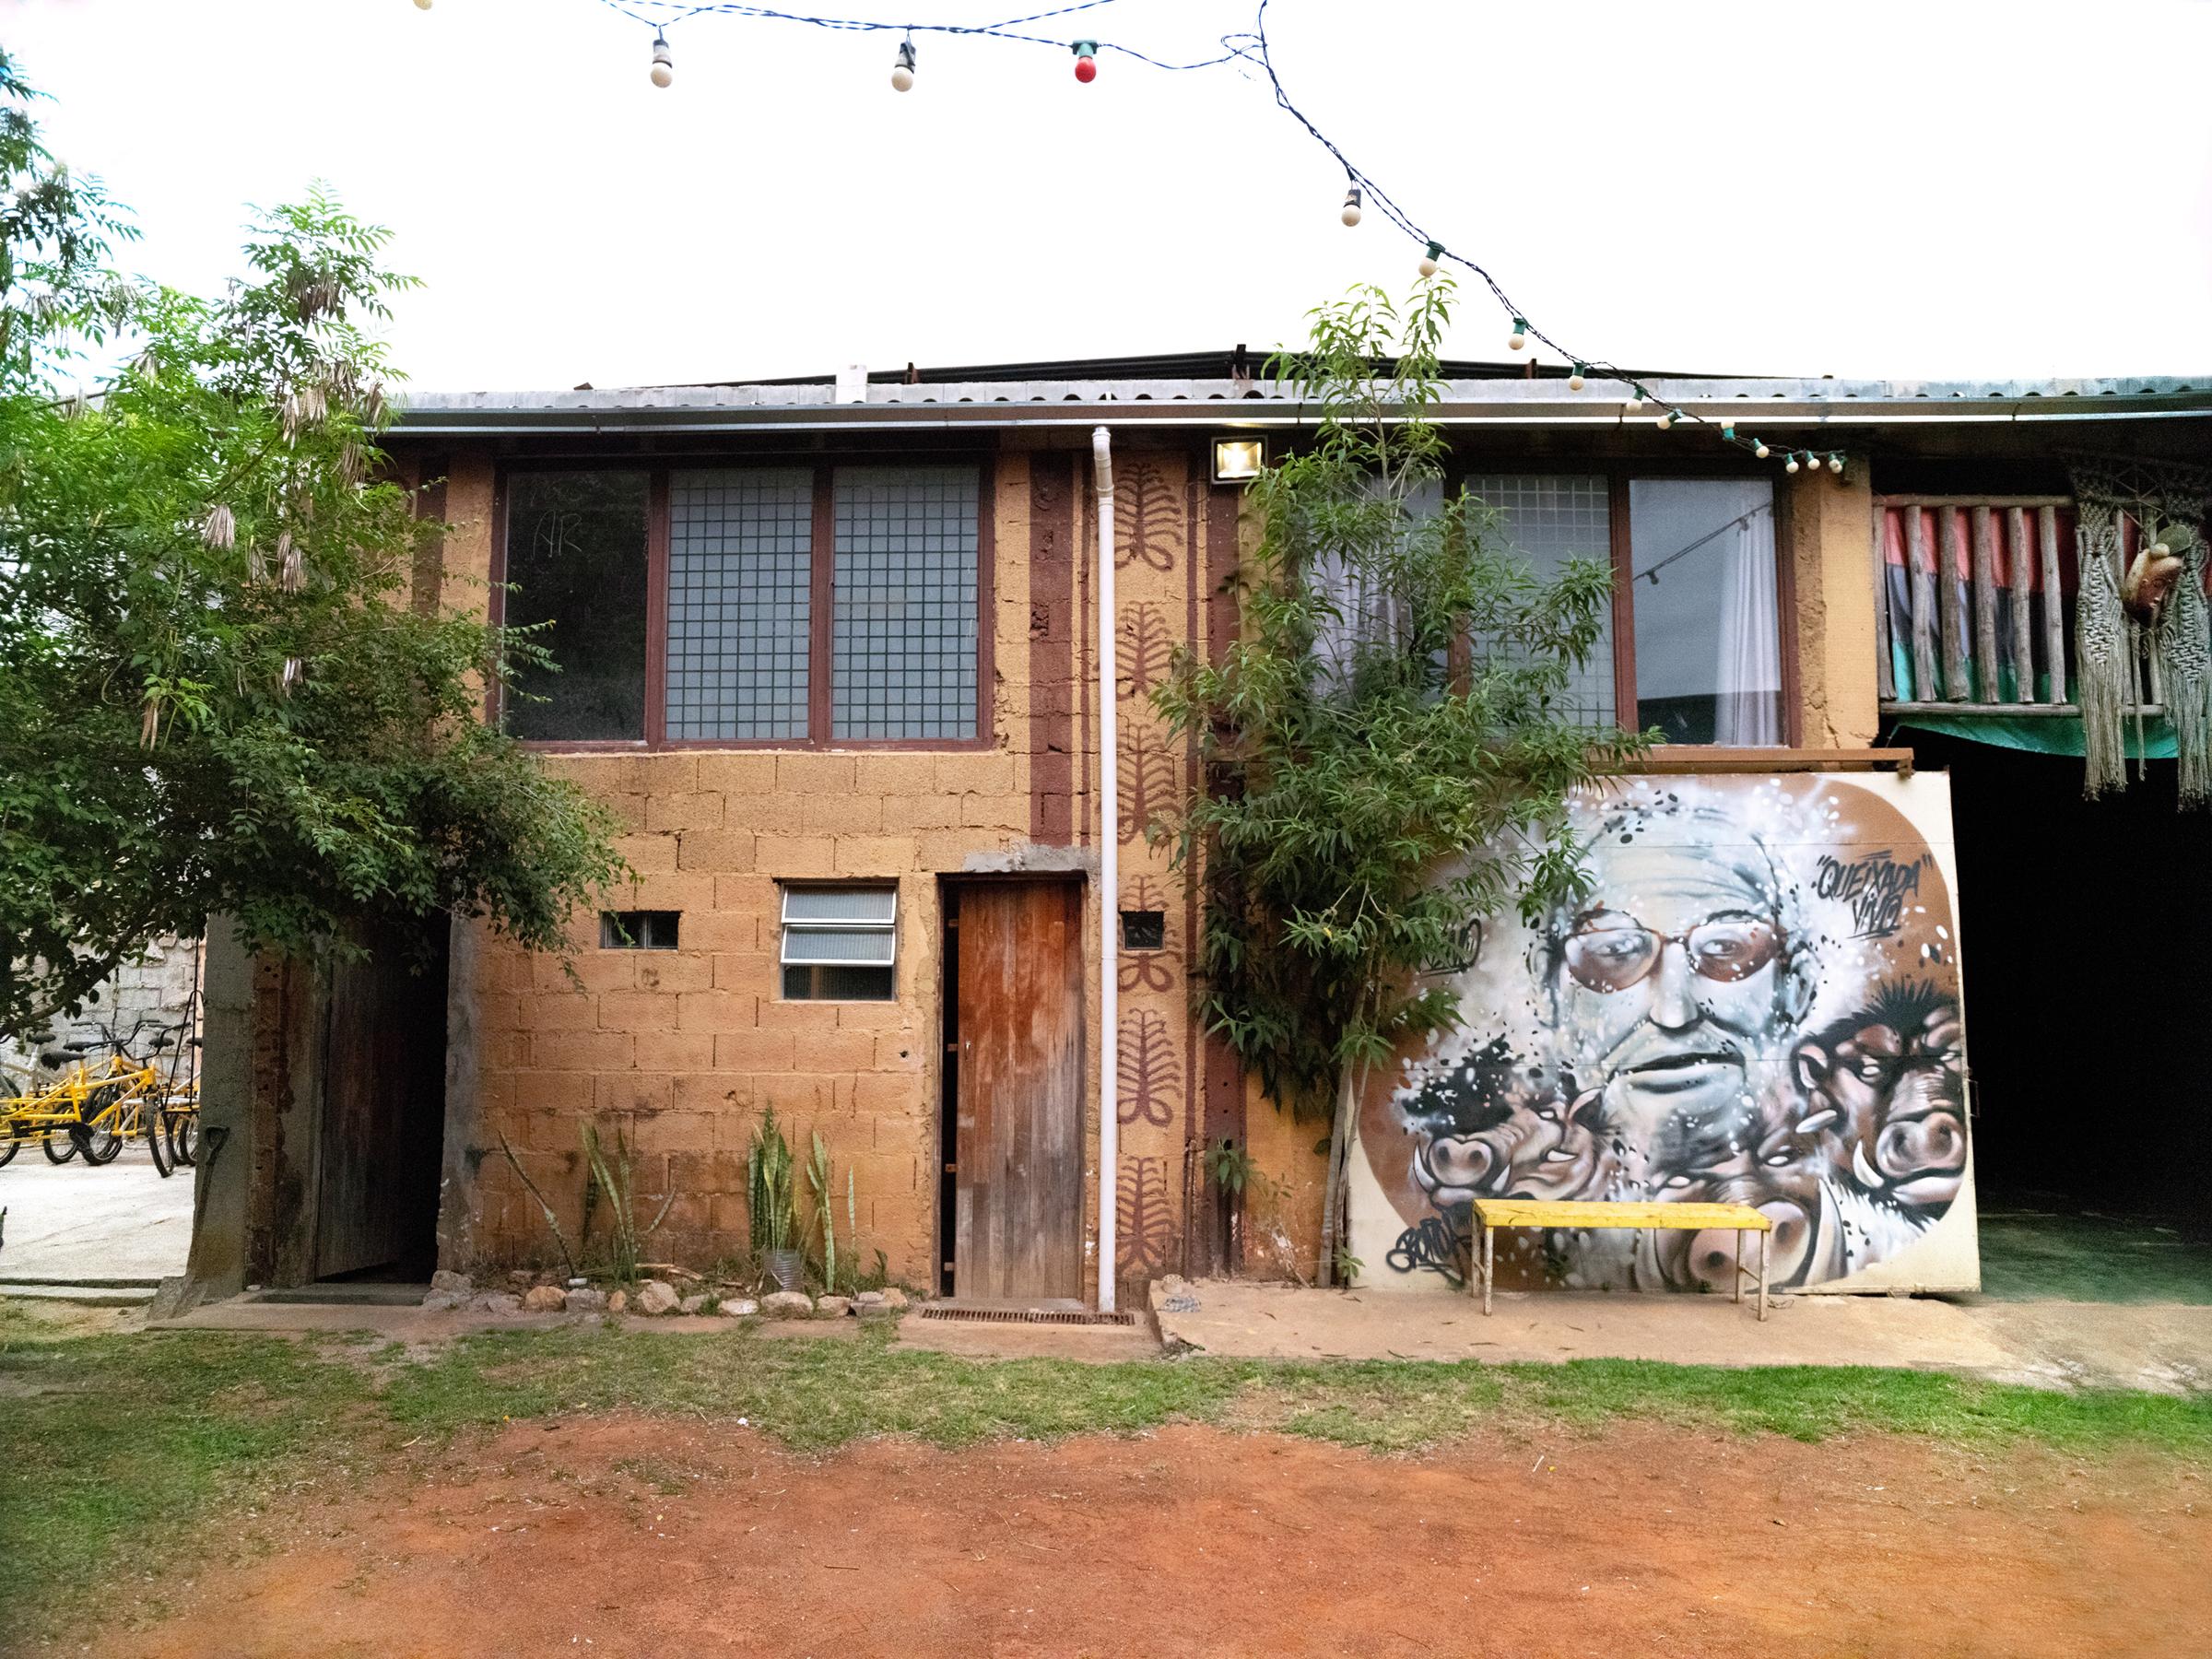 The Black community hub of Quilombaque, in Perus, São Paulo on Dec. 5, 2020.